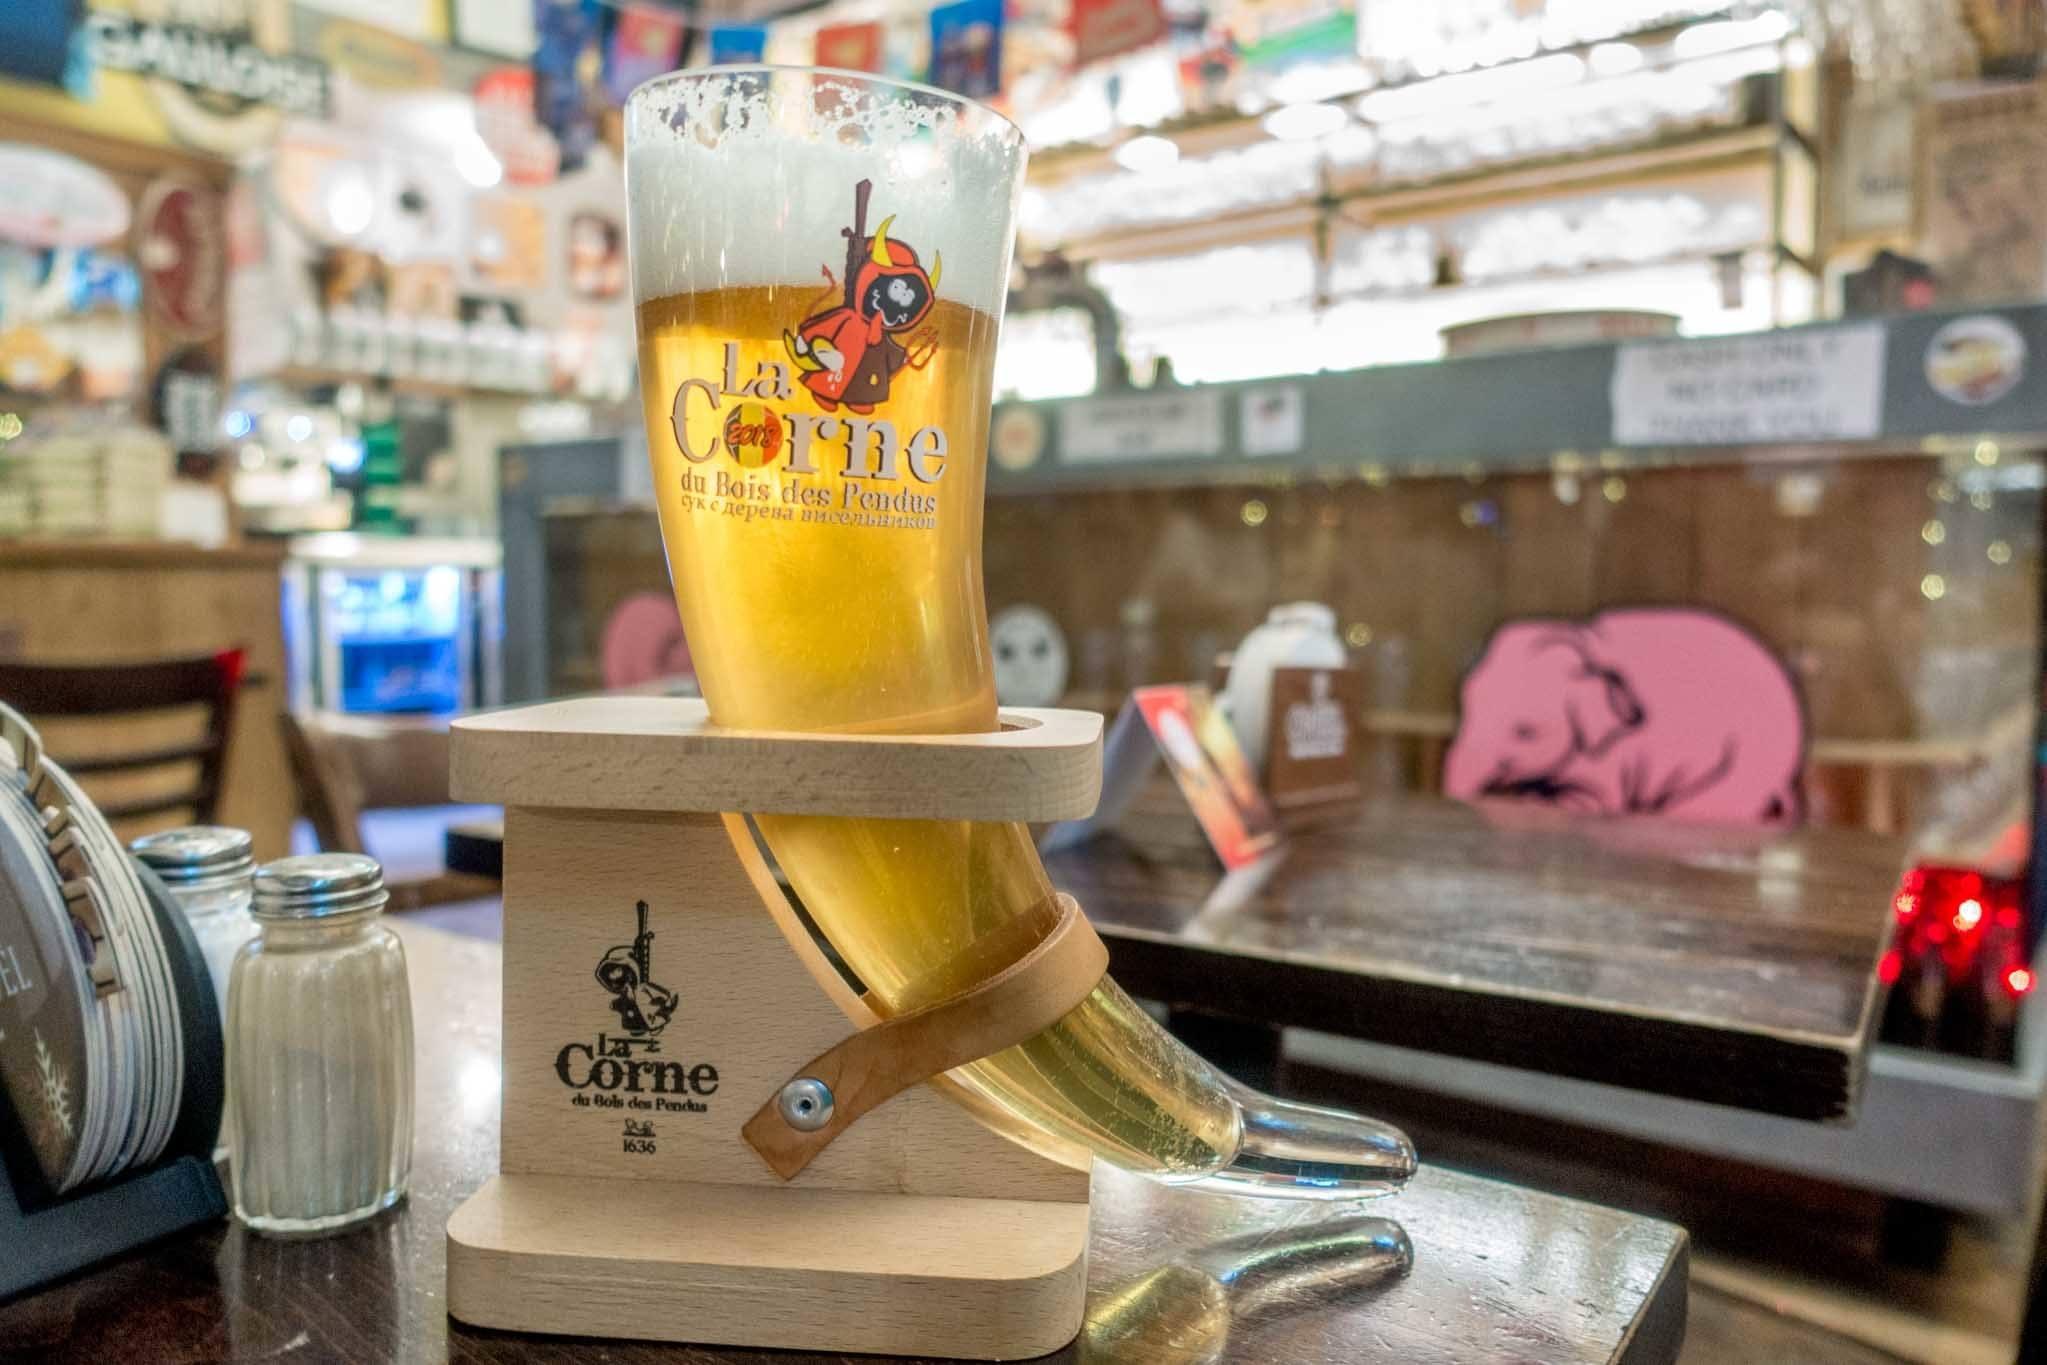 Horn-shaped glass full of beer